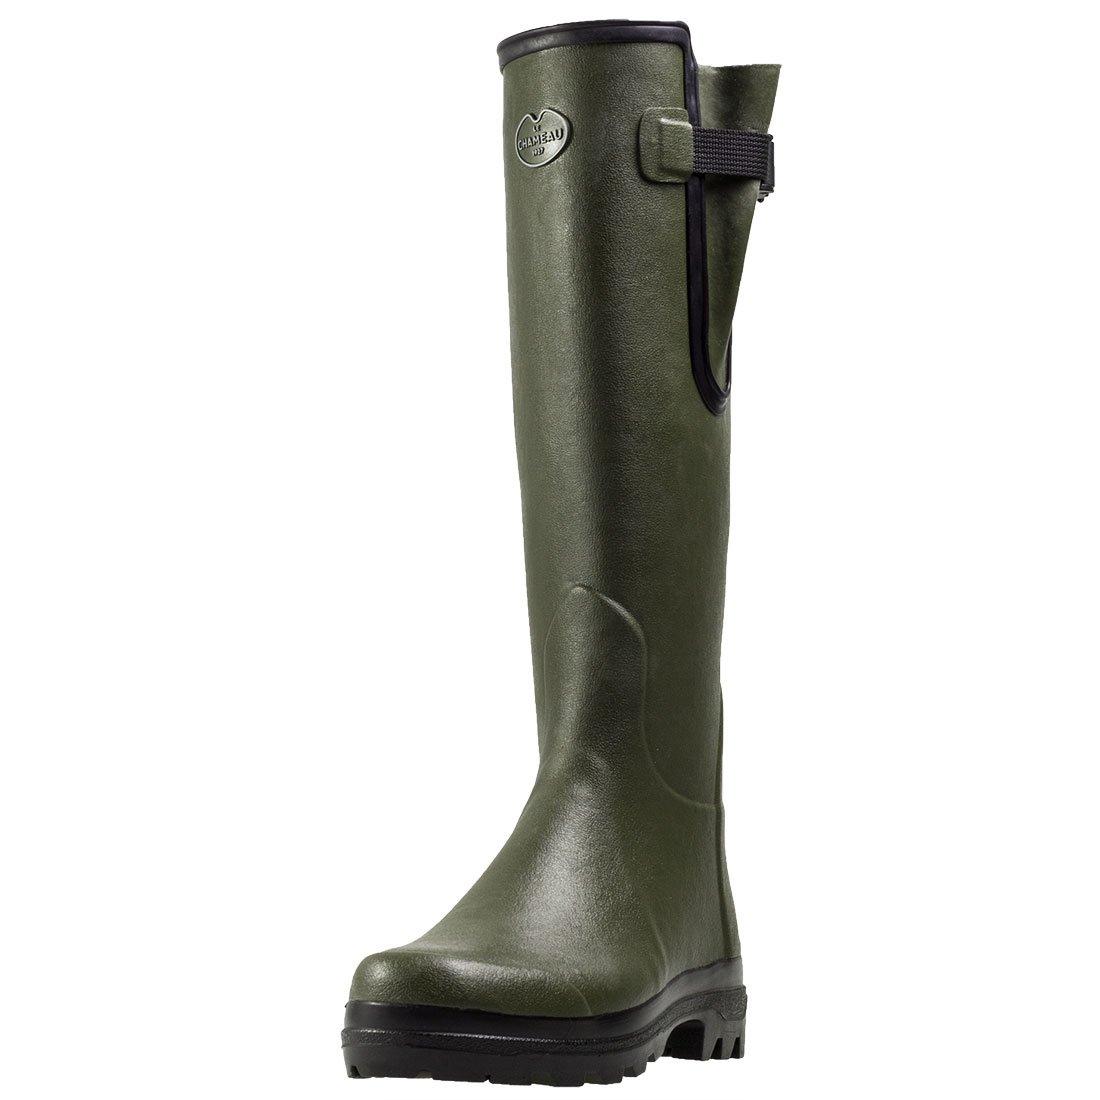 Le Chameau Footwear Women's Vierzon Jersey Boot, Chameau Green, 40 EU/8 M US by Le Chameau